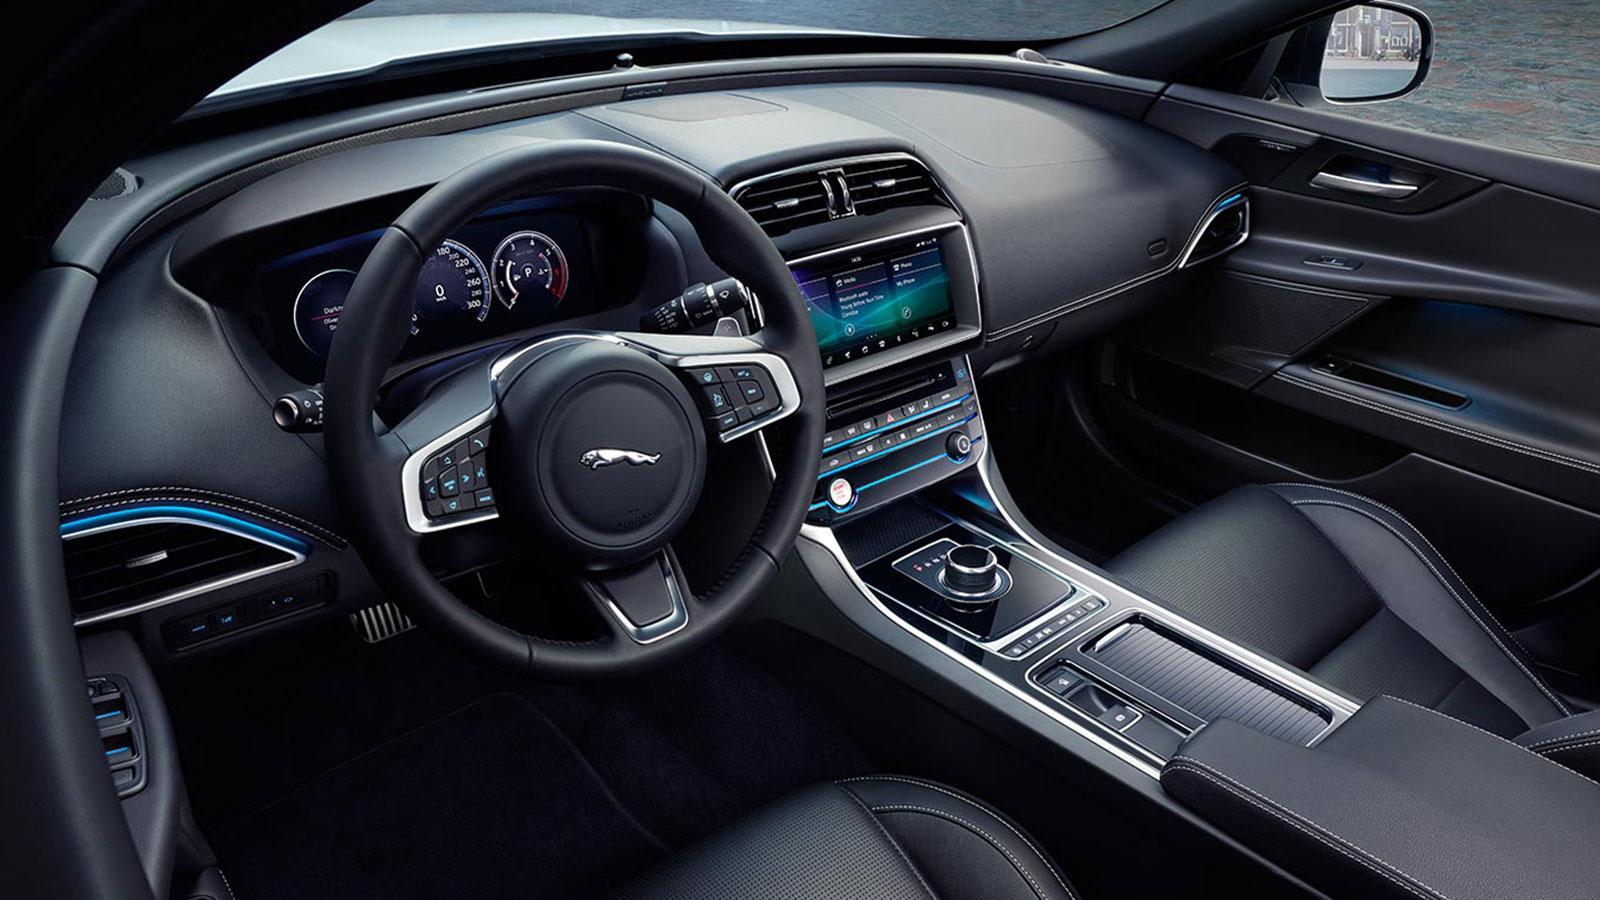 Jaguar XE 2.0d R-Dynamic HSE image 16